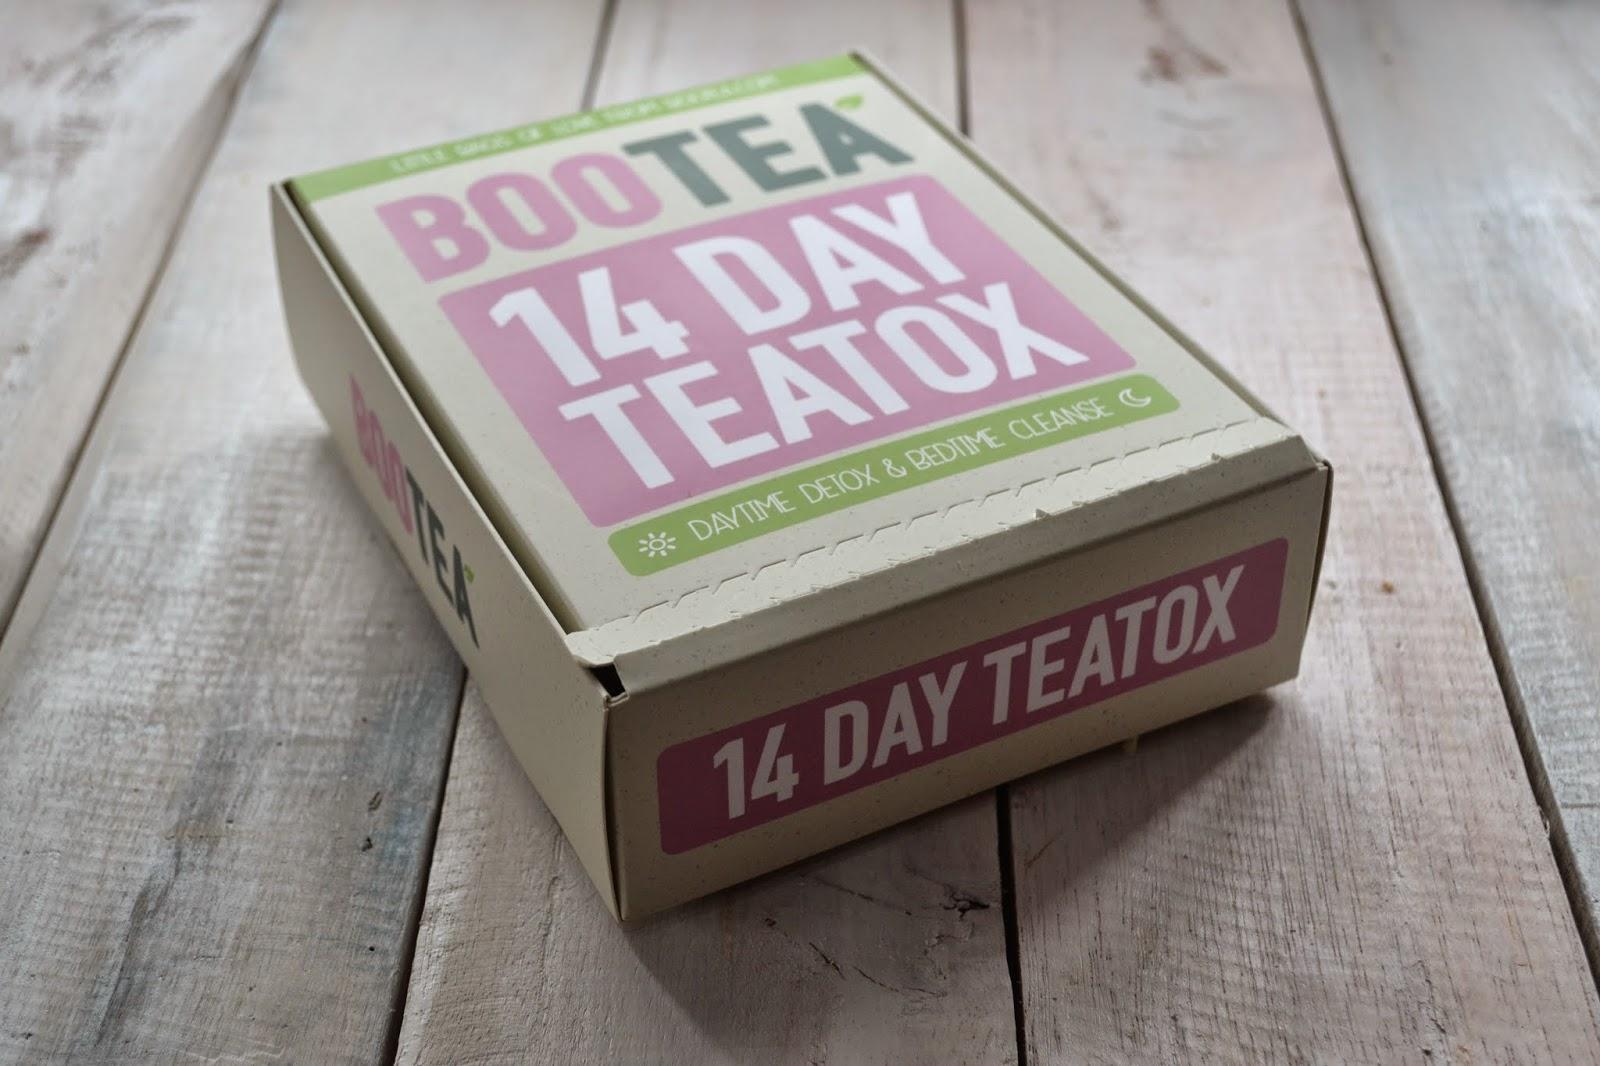 Bootea Teatox